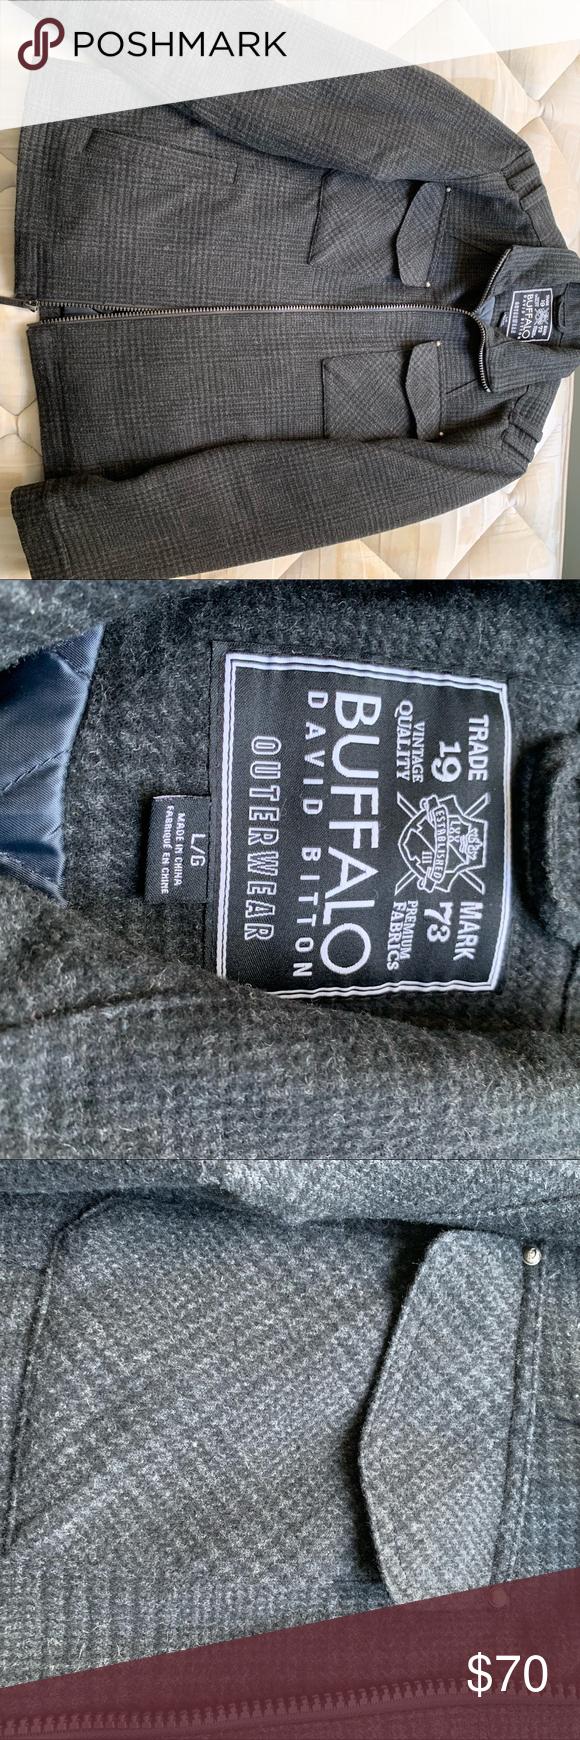 Nwot Buffalo David Bitton Wool Jacket Buffalo David Bitton Wool Jacket Nwot [ 1740 x 580 Pixel ]